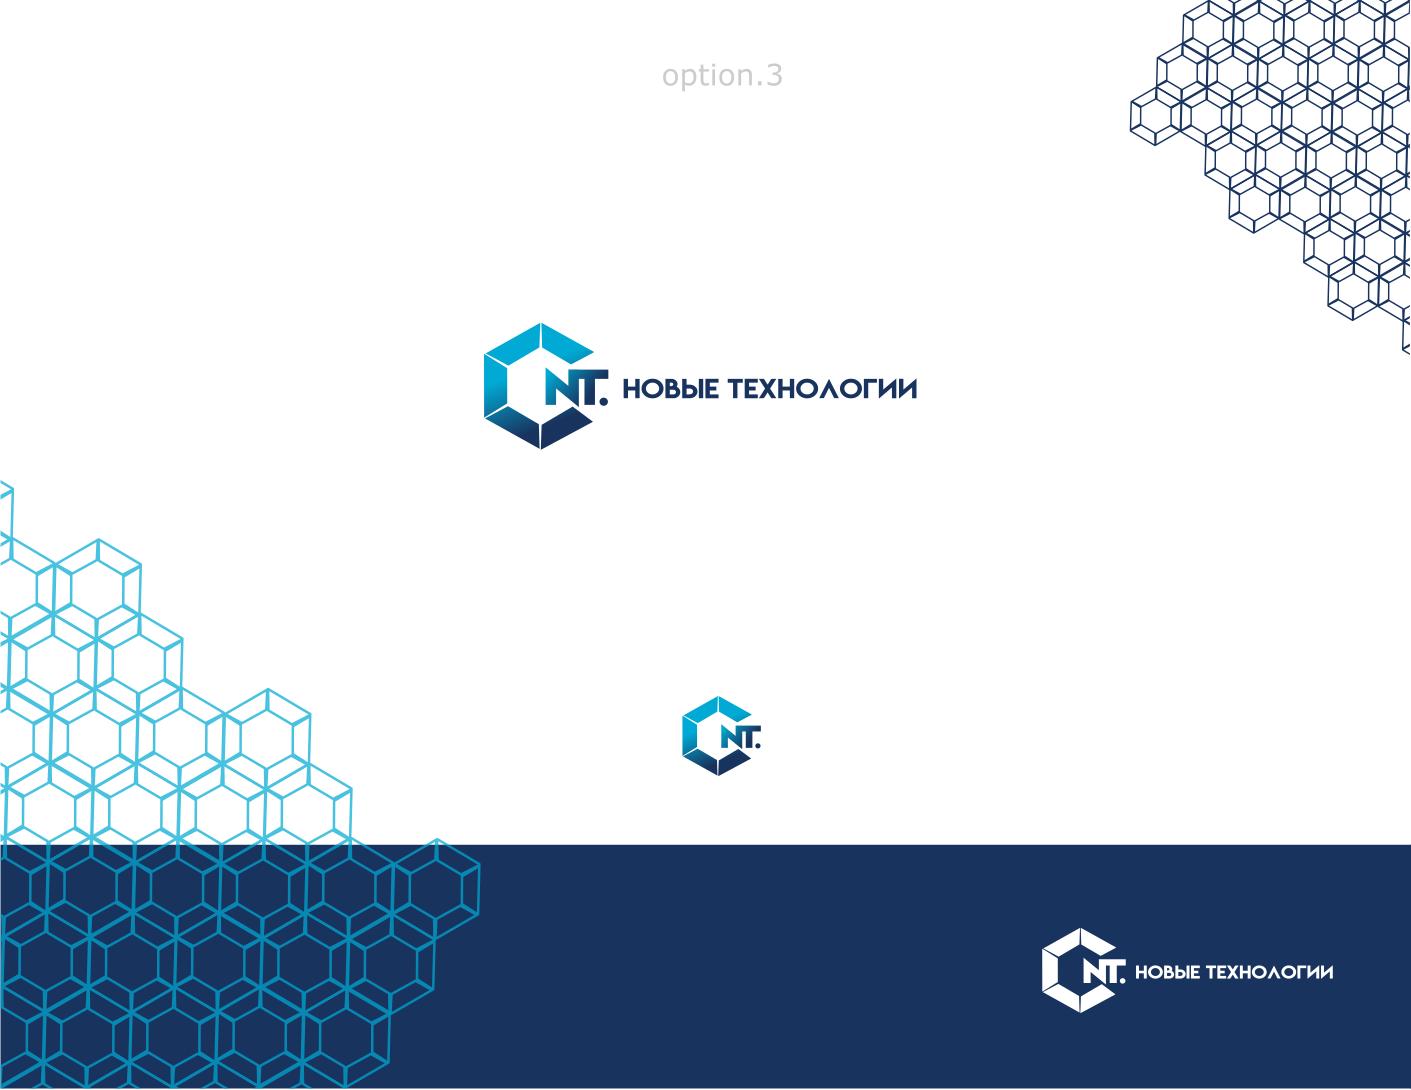 Разработка логотипа и фирменного стиля фото f_1425e825647d9d67.png